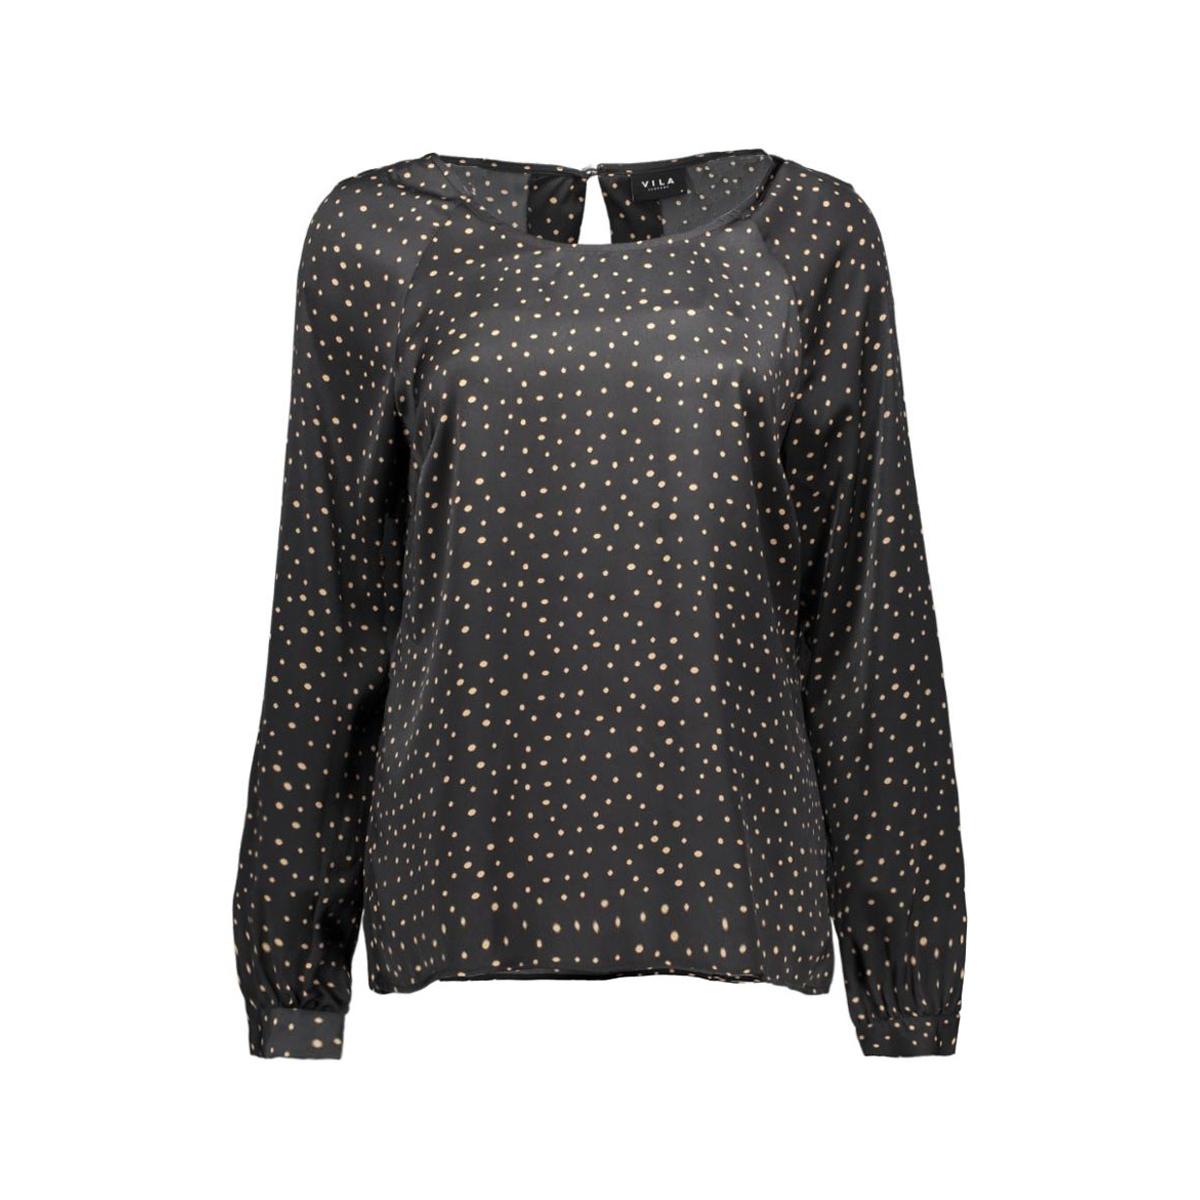 viwanga l/s top 14036504 vila blouse ebony/viwanga pr